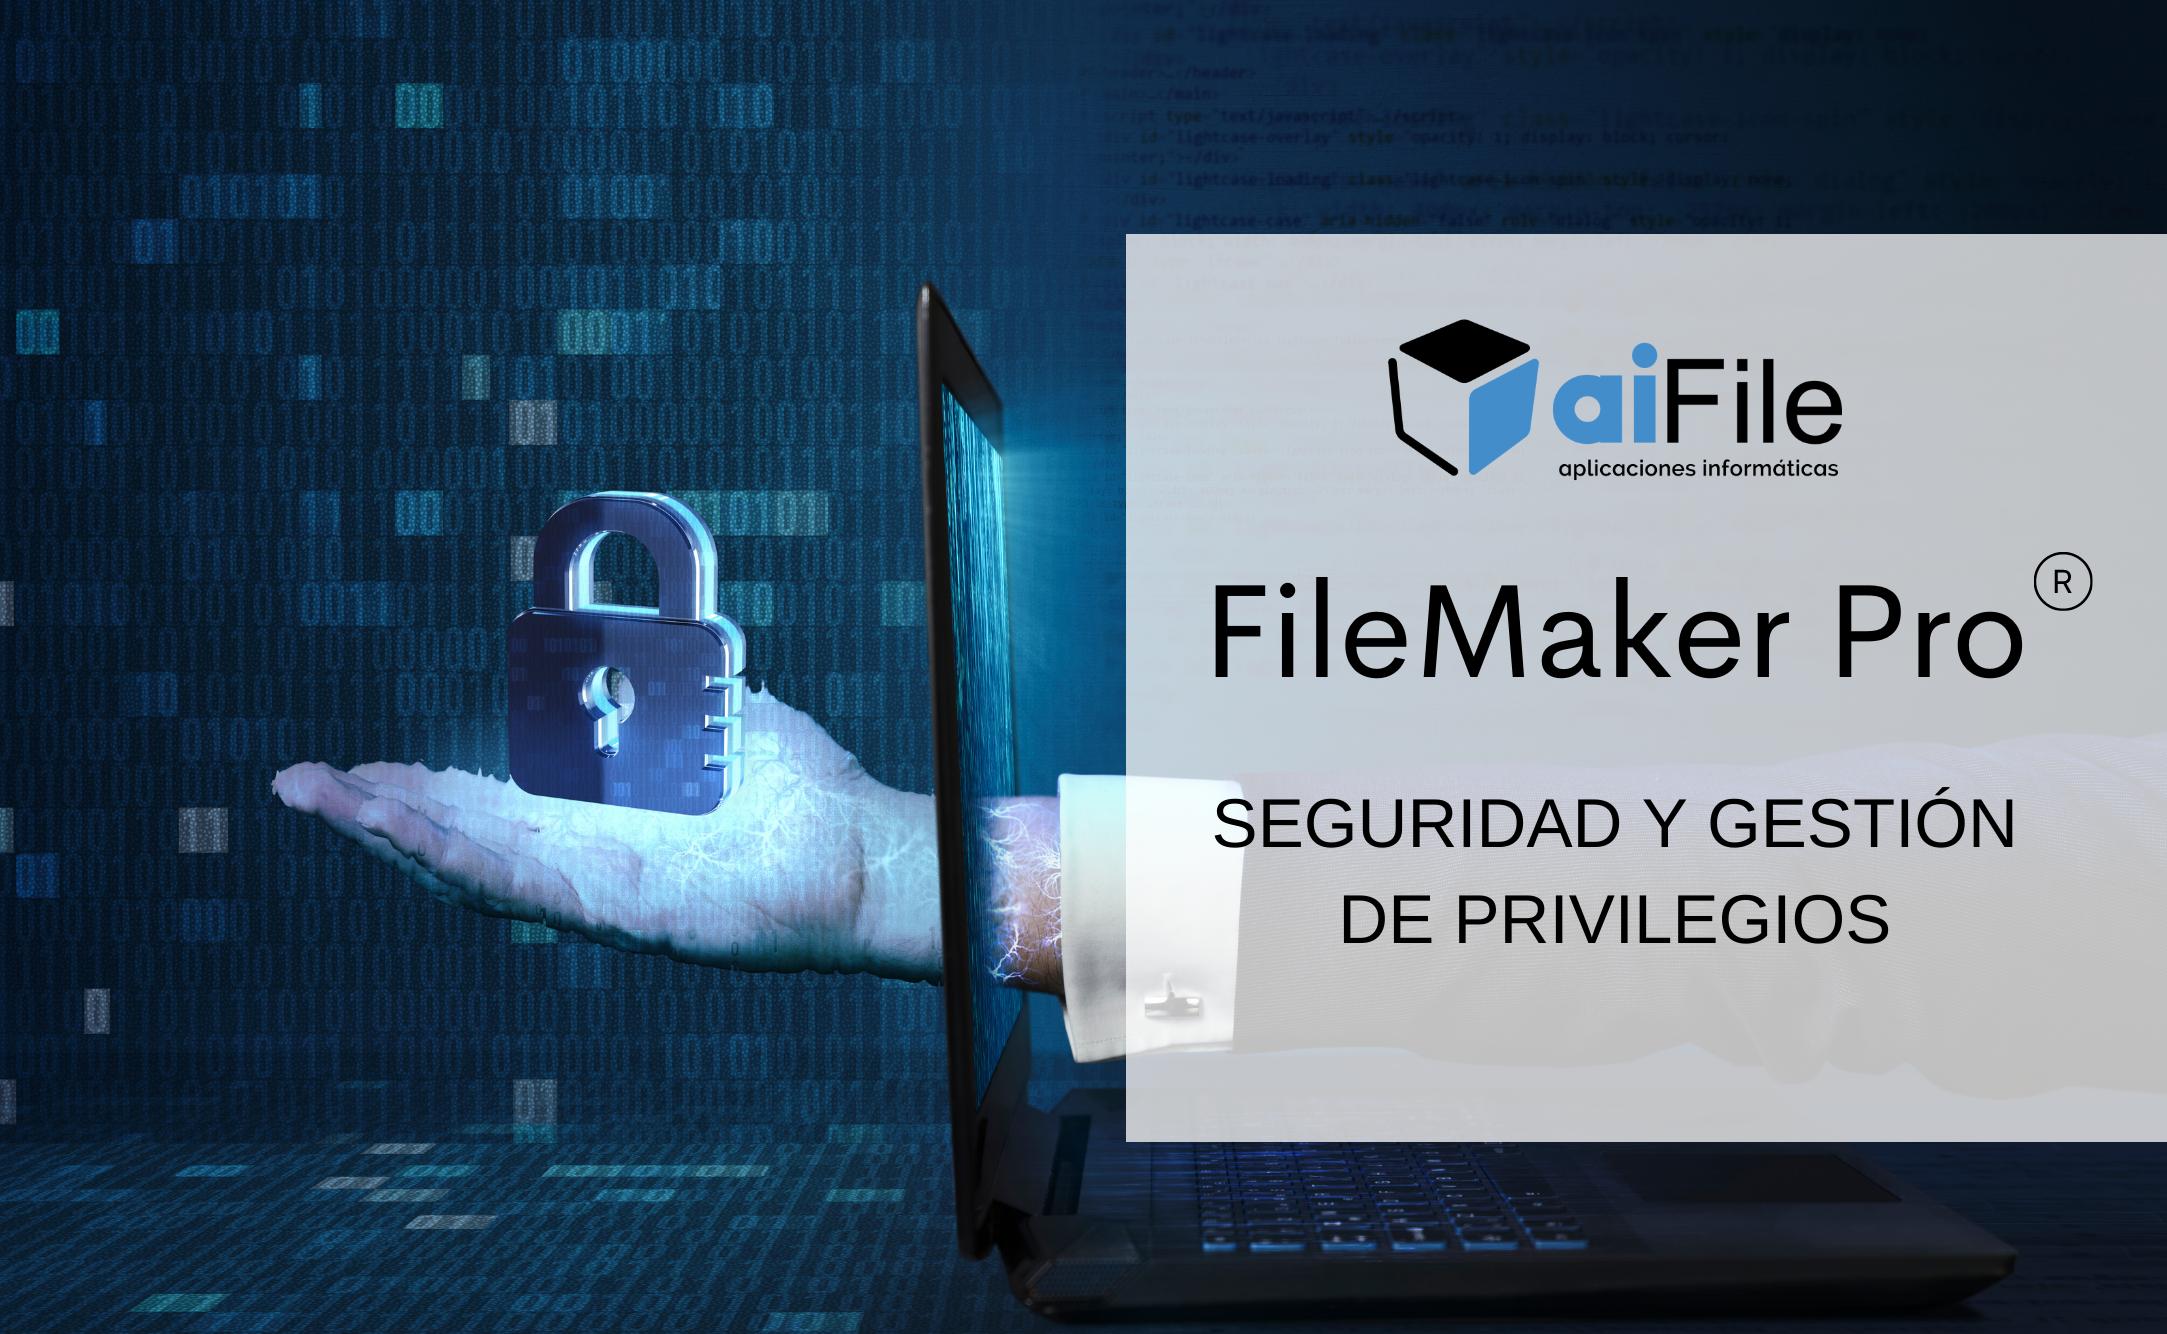 Seguridad En FileMaker Pro: Cómo Hacer Una Correcta Gestión De Los Privilegios